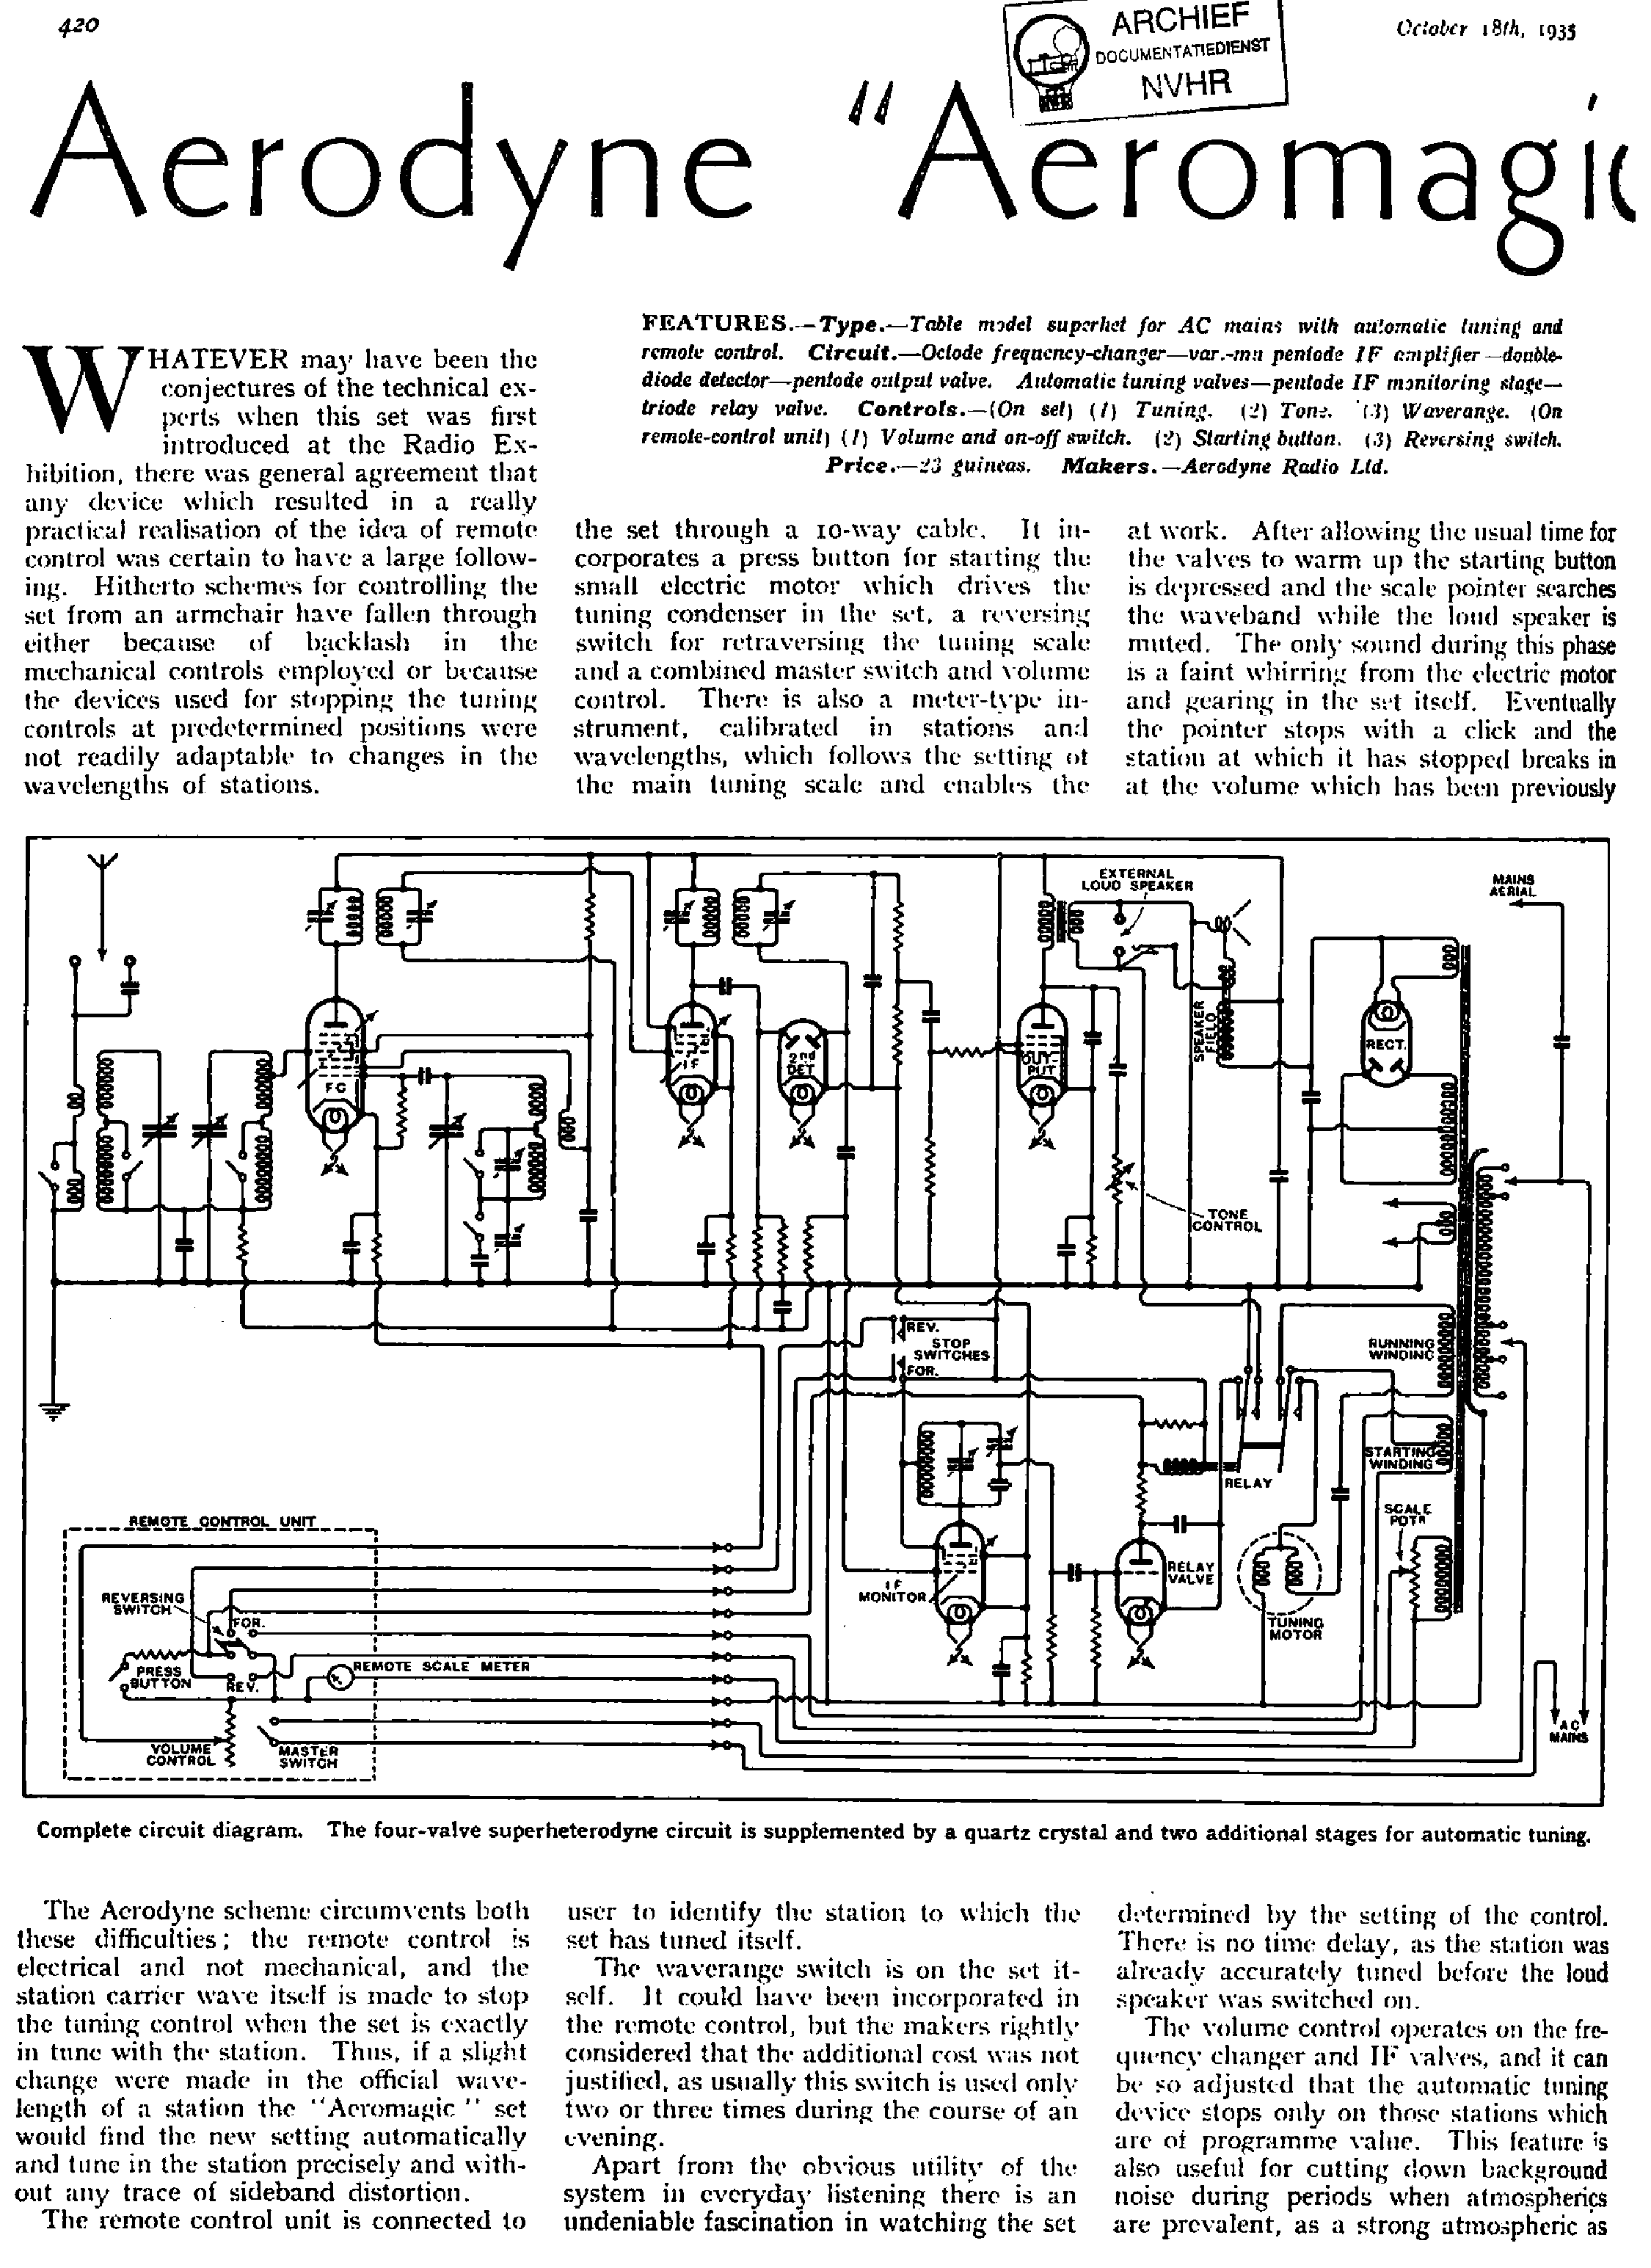 Aerodyne Aeromagic Receiver 1935 Sm Service Manual Download Mag Ic Motor Starter Wiring Diagram 1st Page